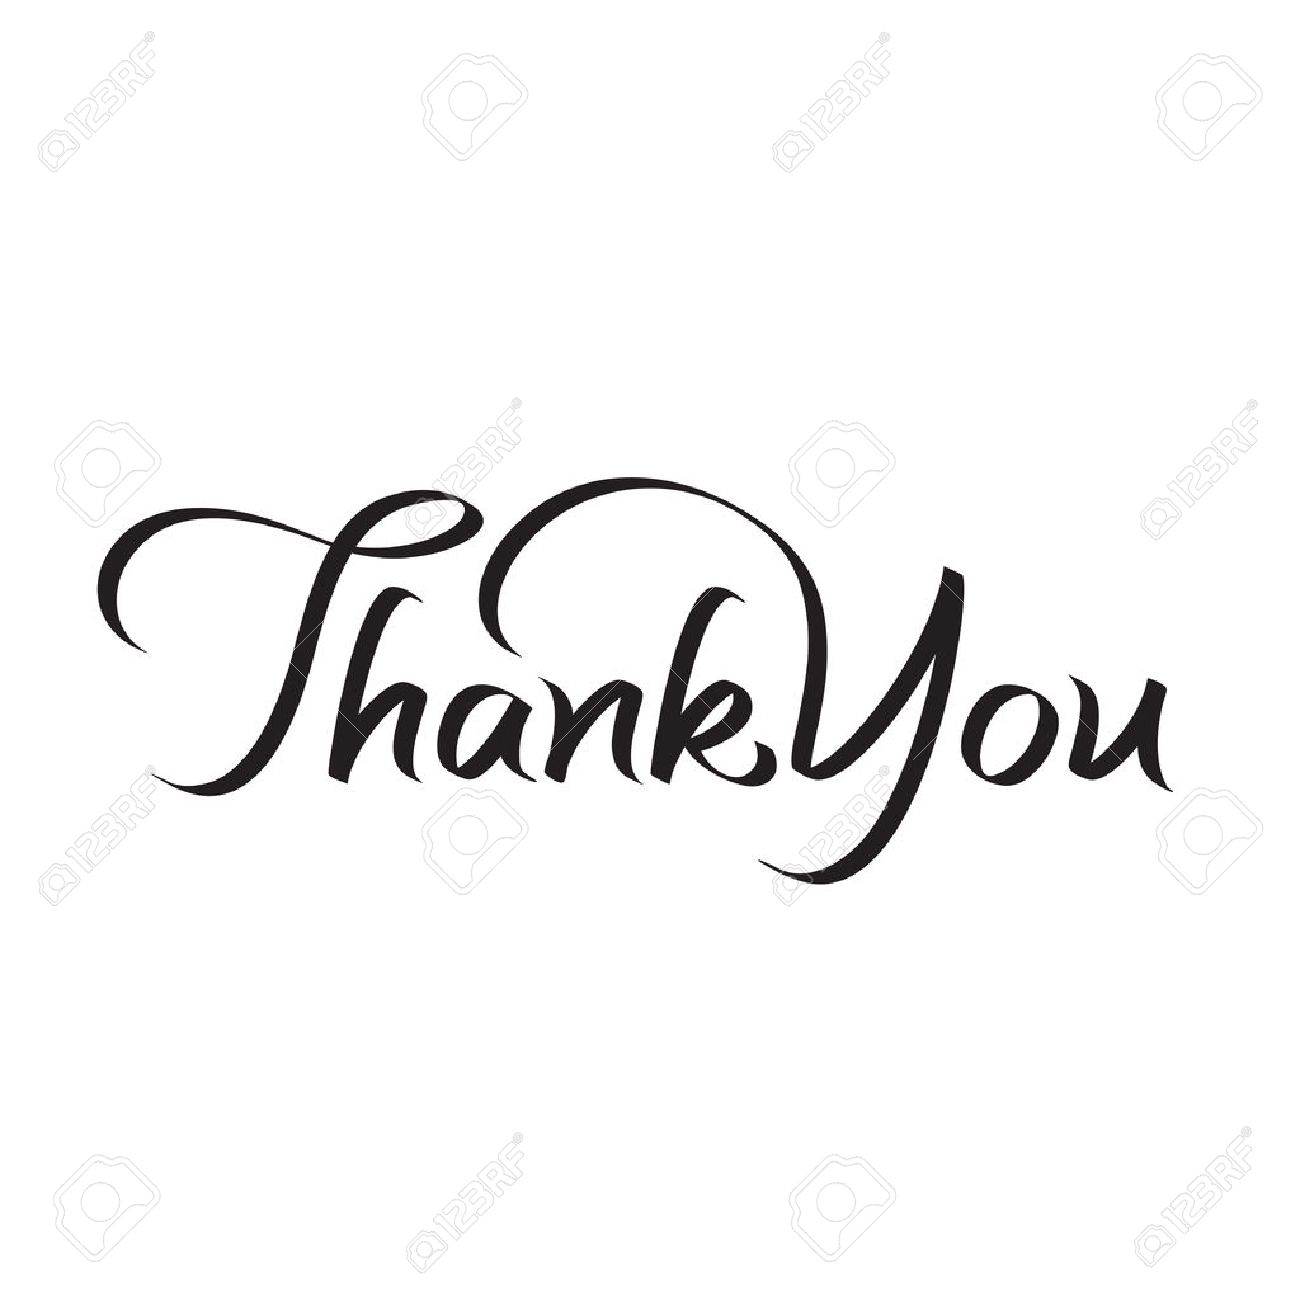 ありがとうございます手レタリング、テキスト、手作り書道、ベクトル